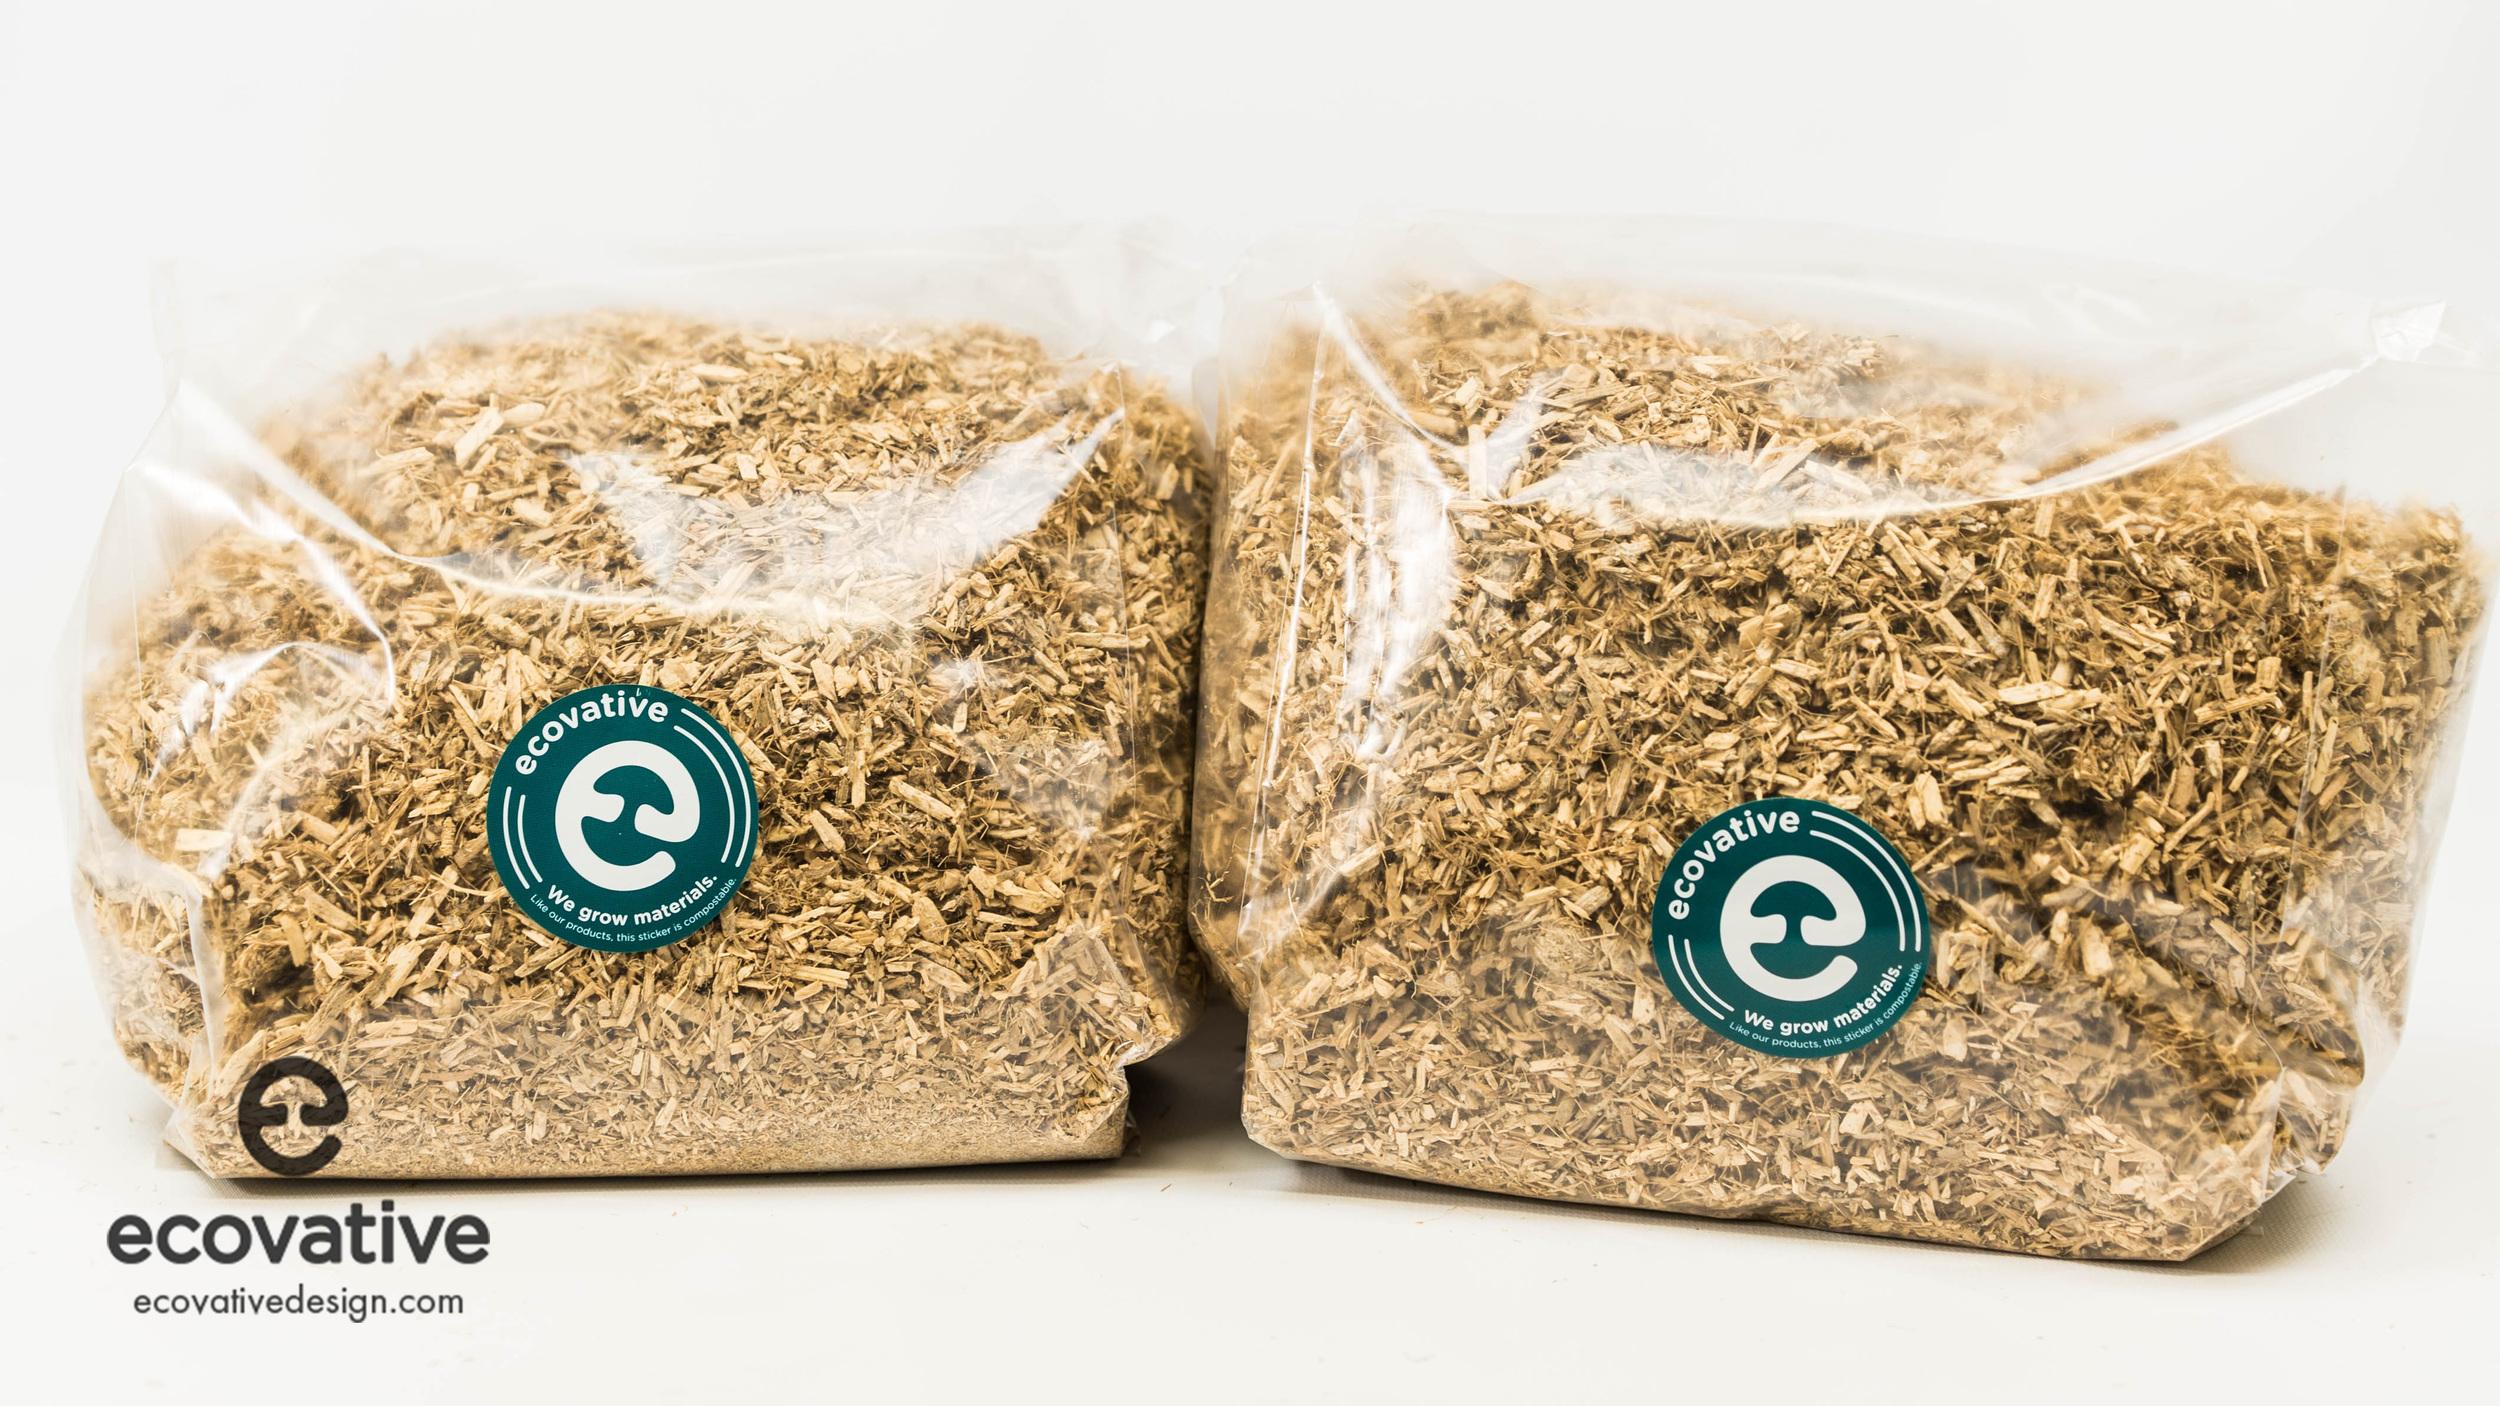 Bags of the Mushroom ®  Material.